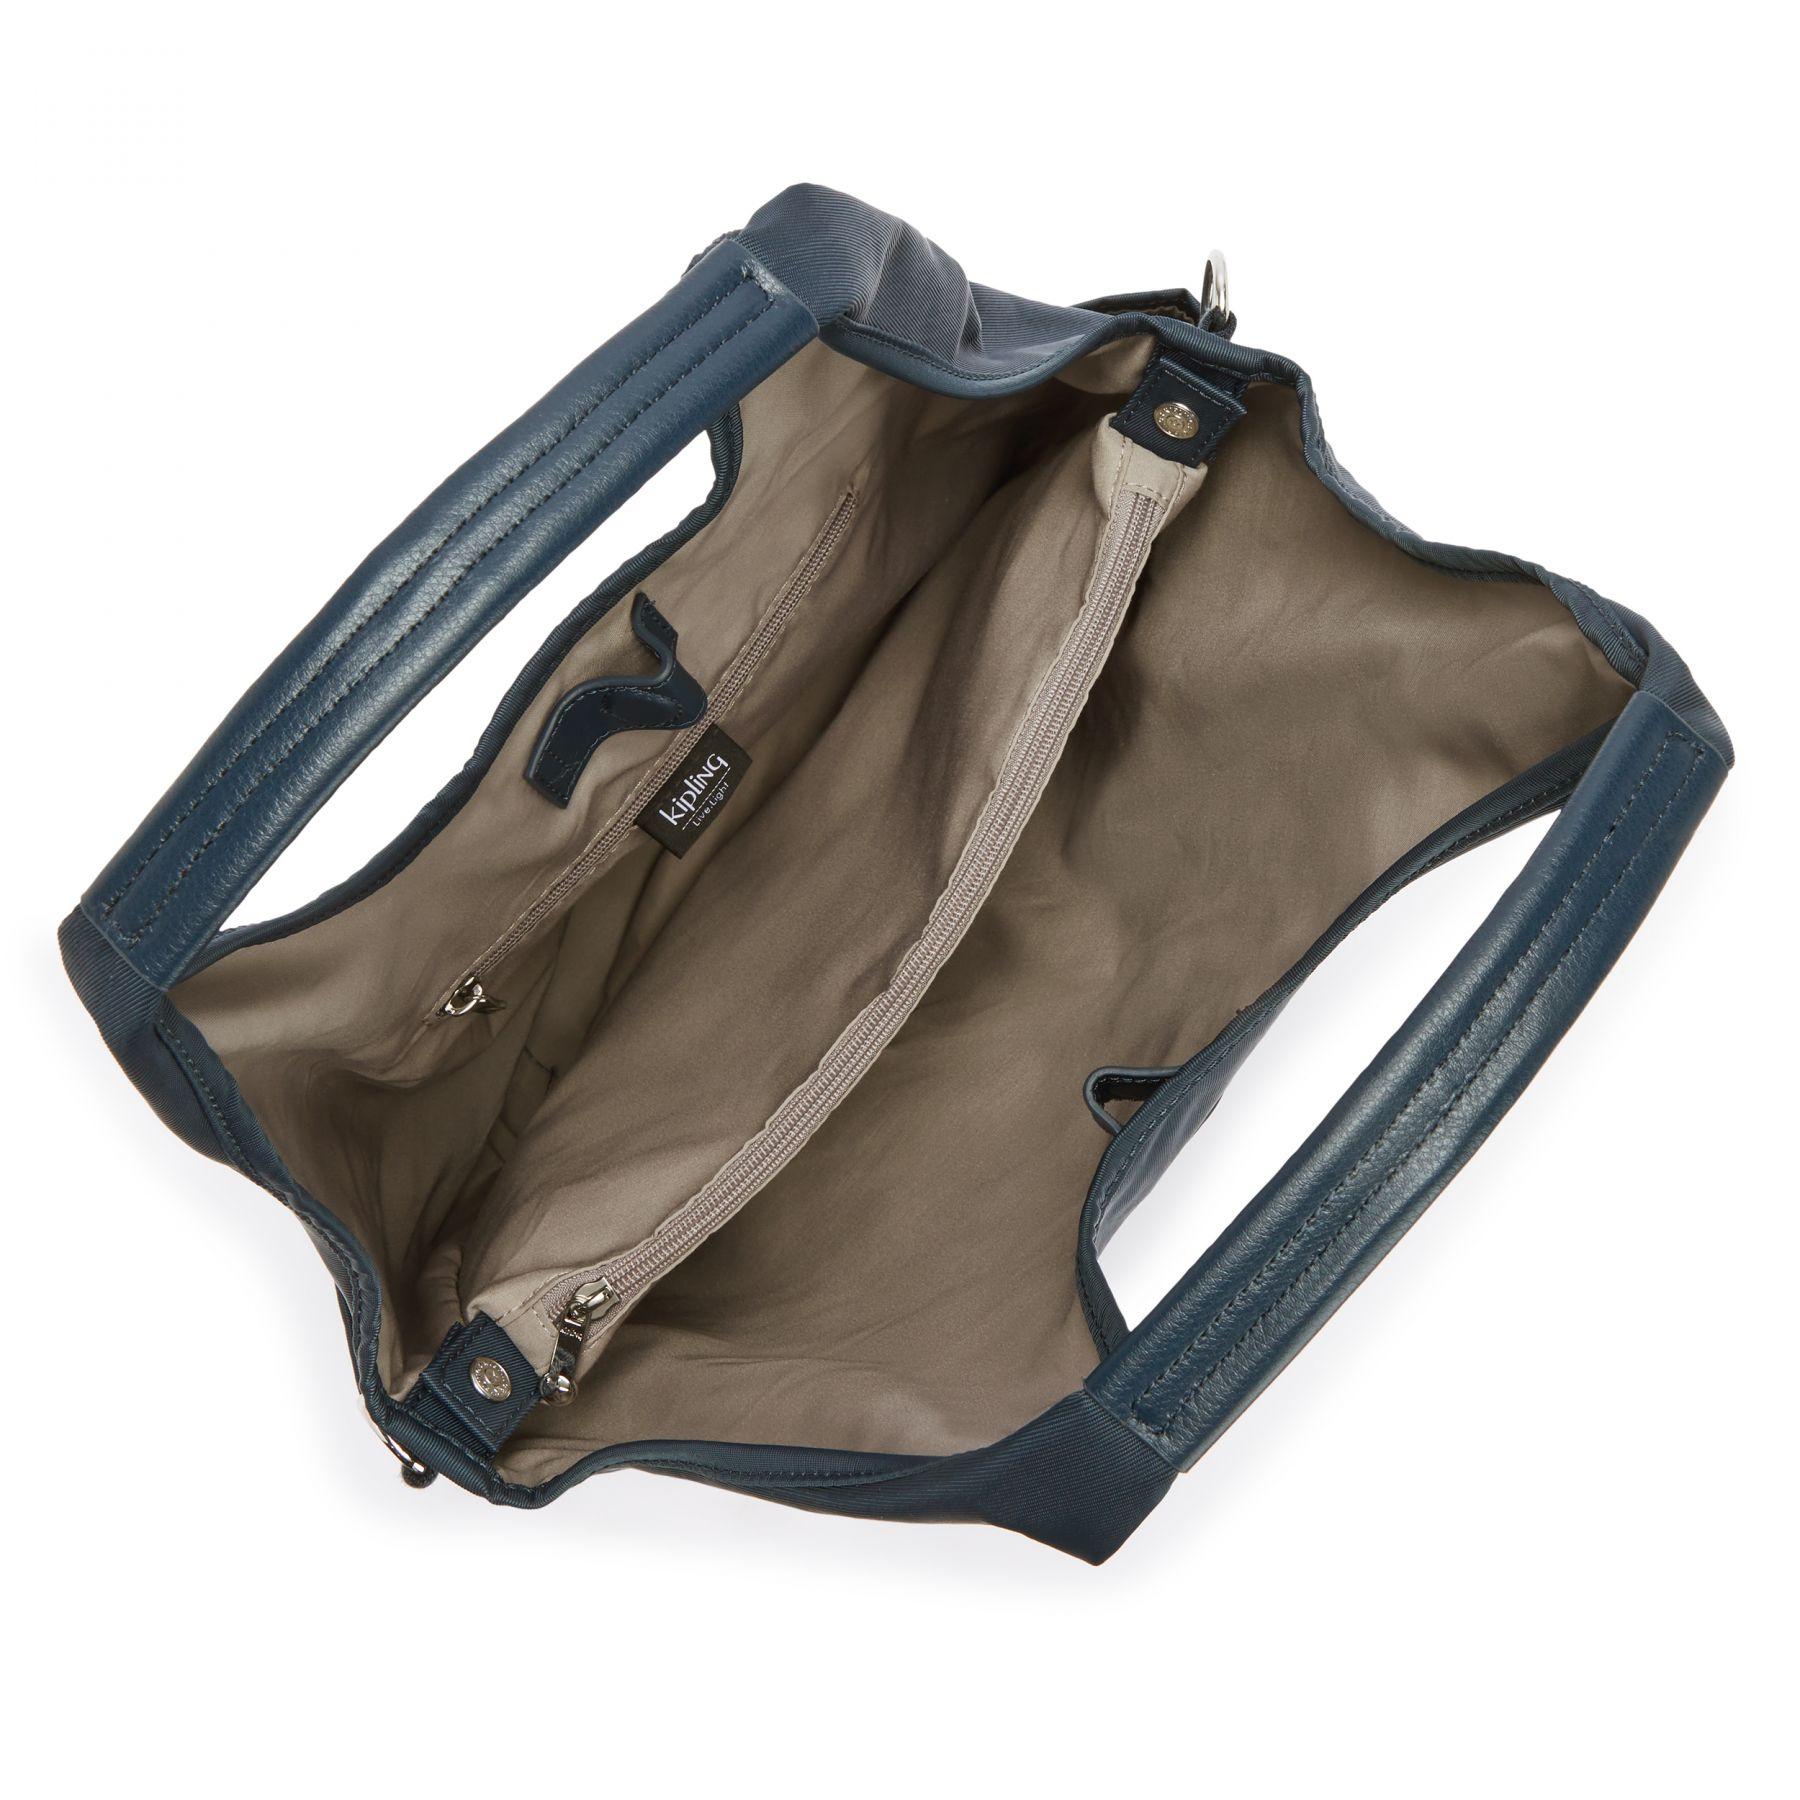 URBANA BAGS by Kipling